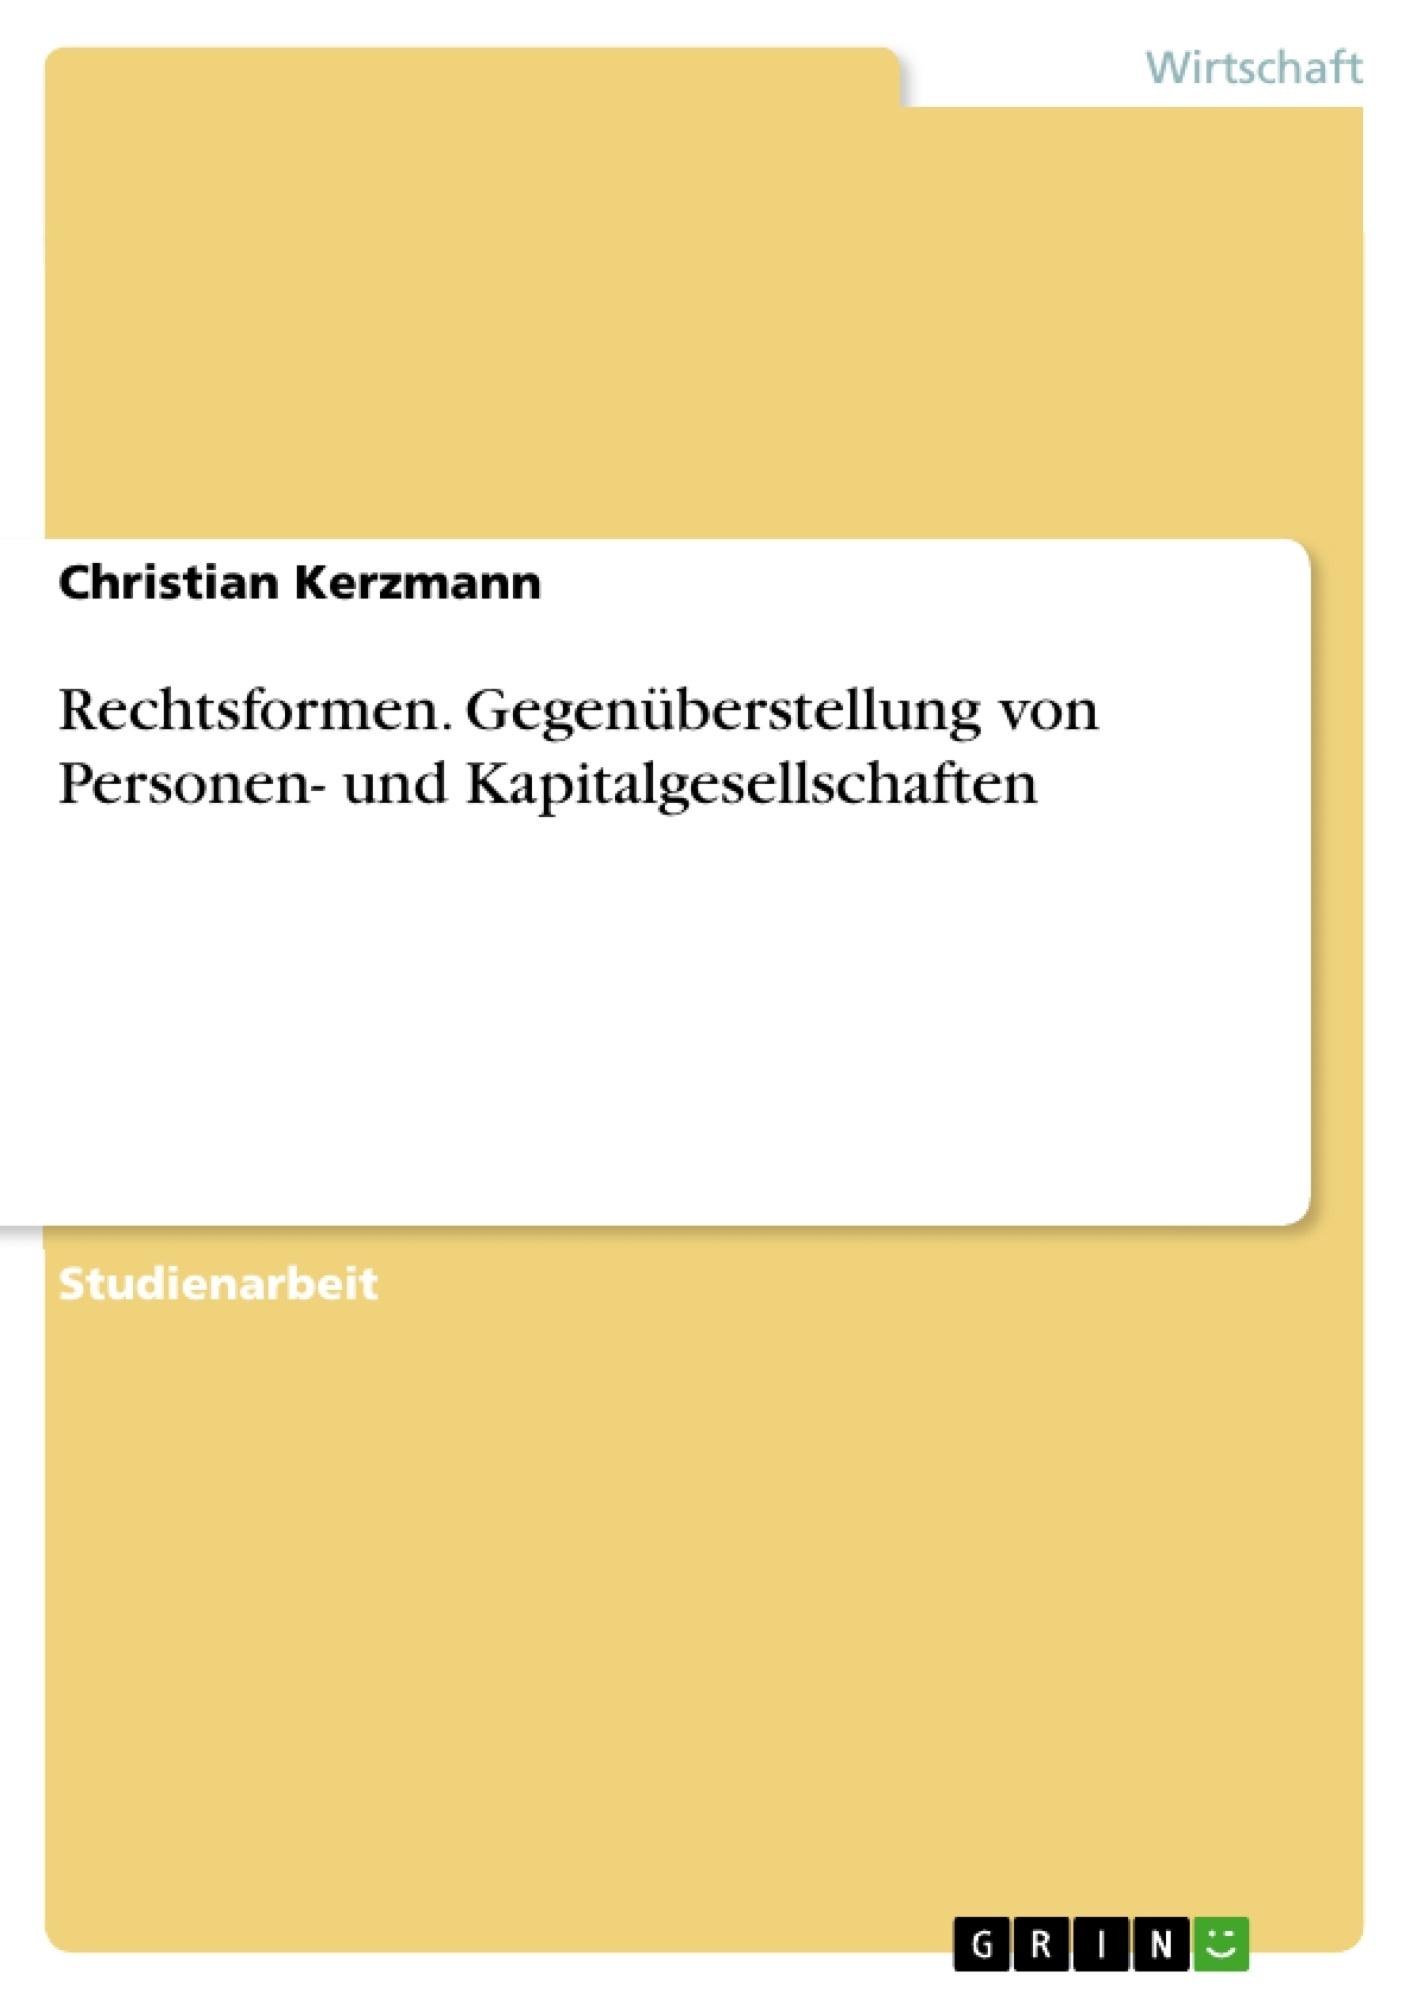 Titel: Rechtsformen. Gegenüberstellung von Personen- und Kapitalgesellschaften